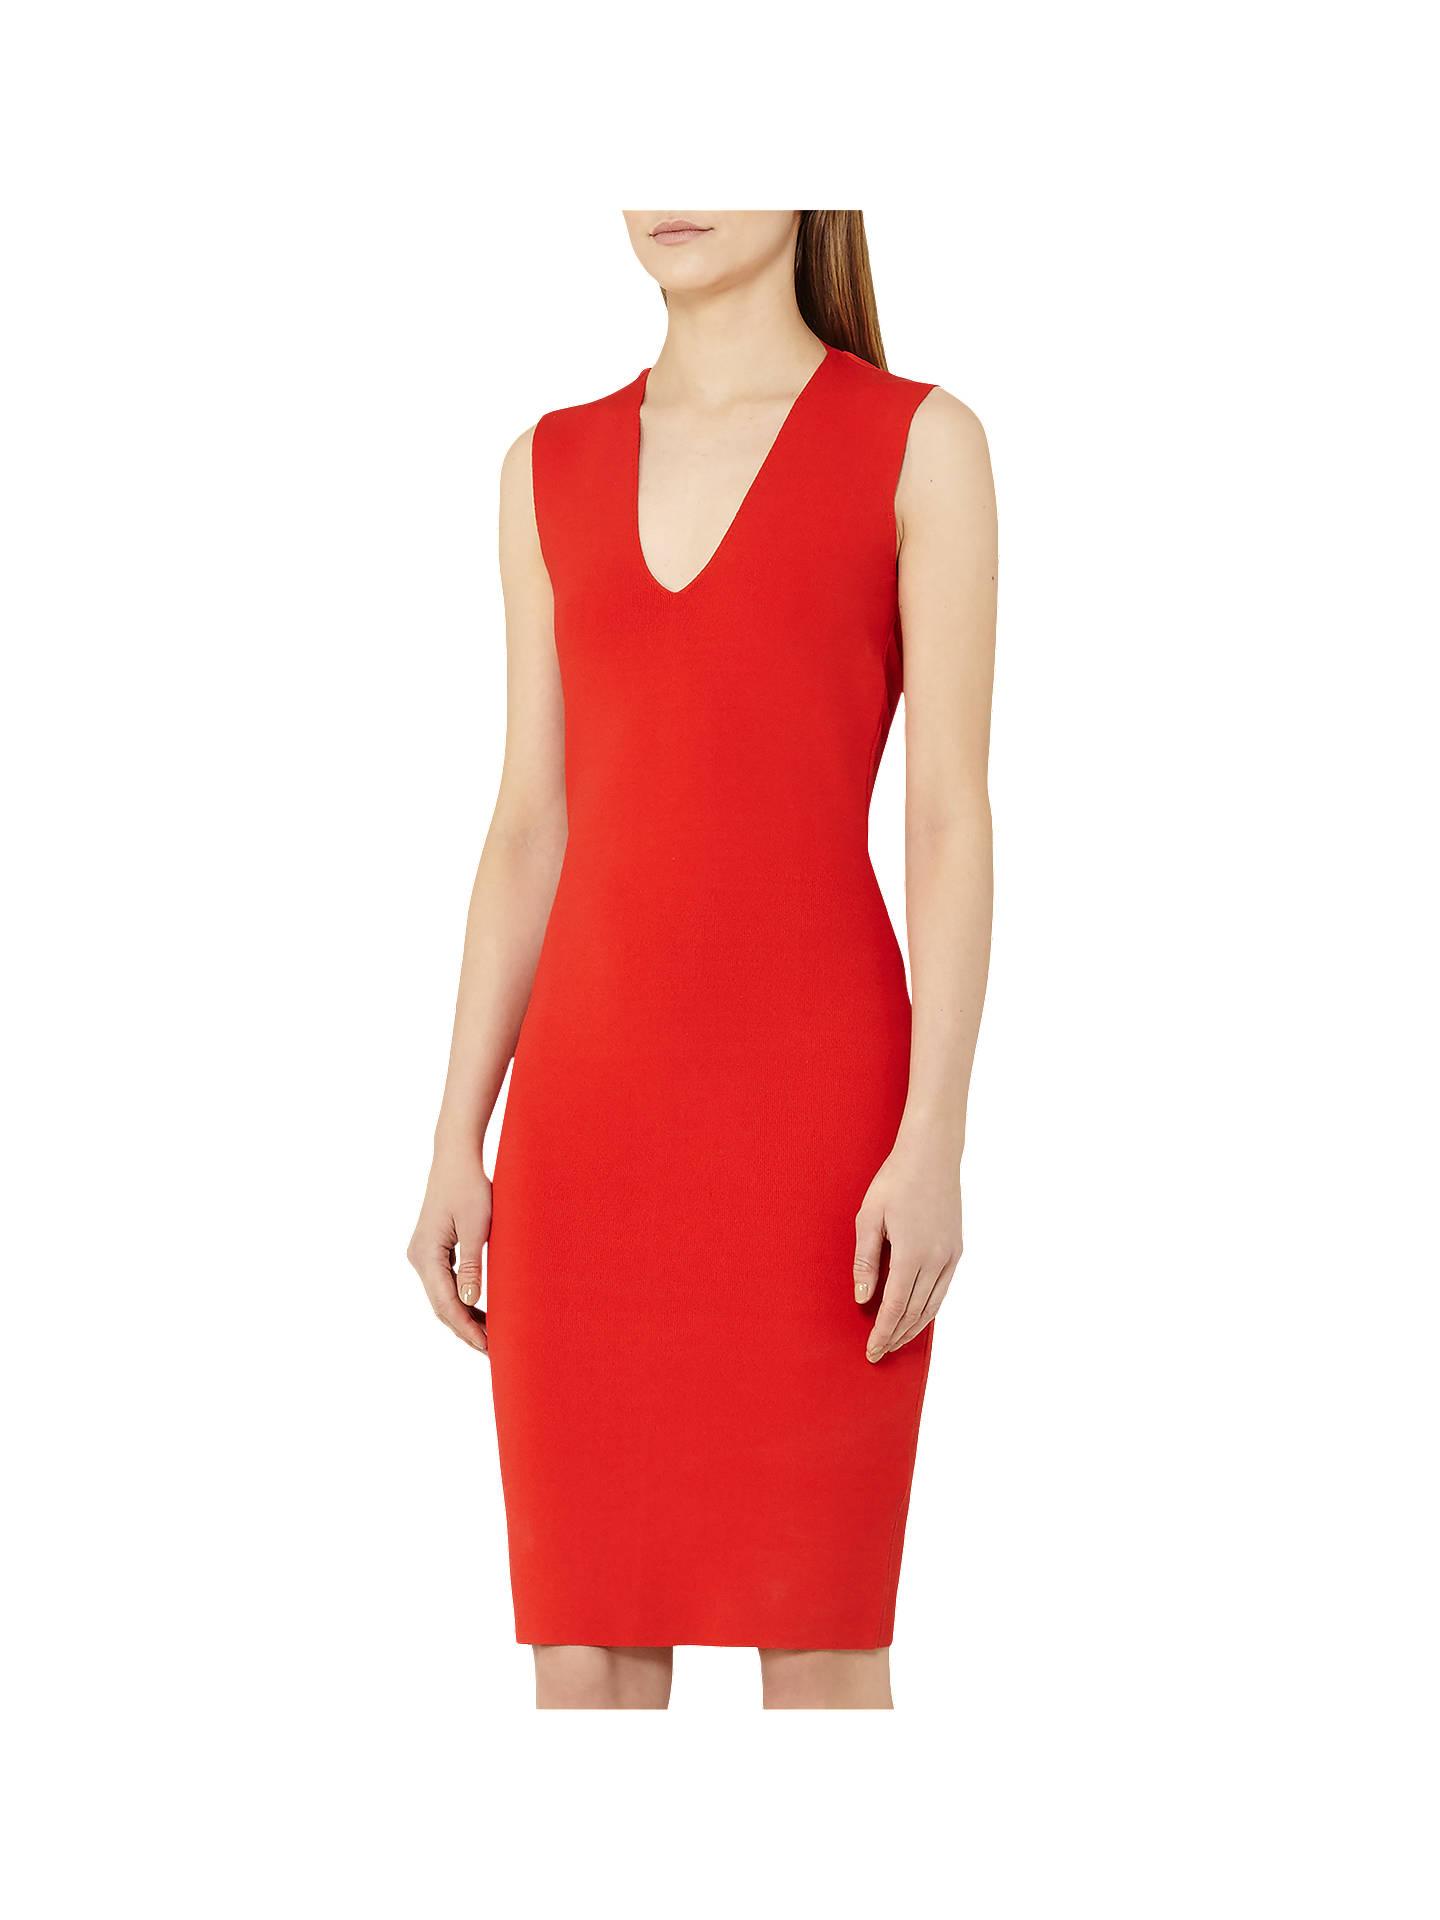 a9d57b47edf Buy Reiss Elspeth Open Back Dress